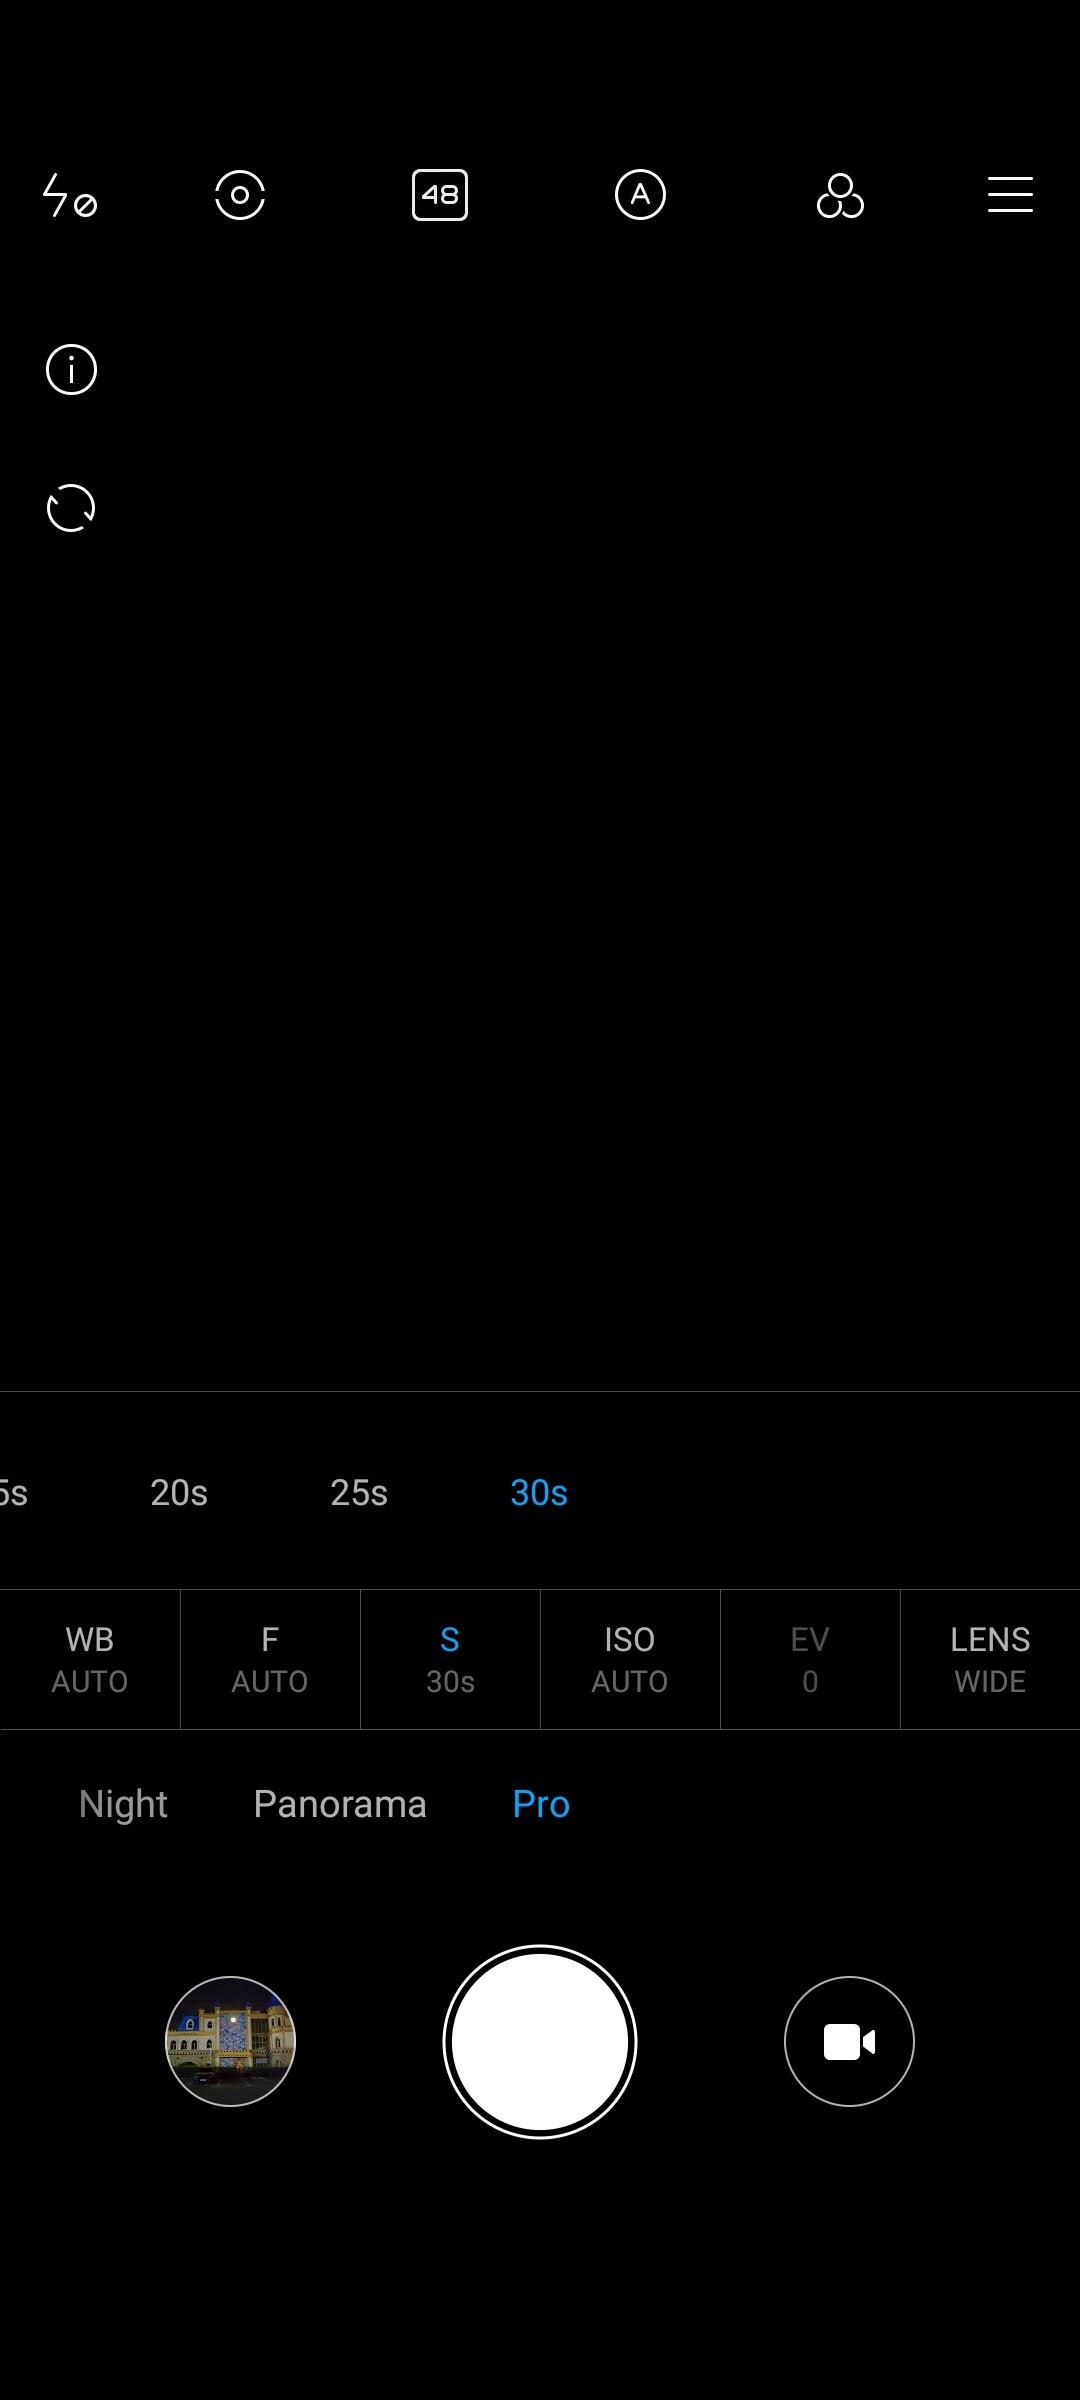 بررسی کامل و تخصصی گوشی ردمی نوت 9 پرو (گوشی ردمی نوت 9 اس) شیائومی: پکیج کامل